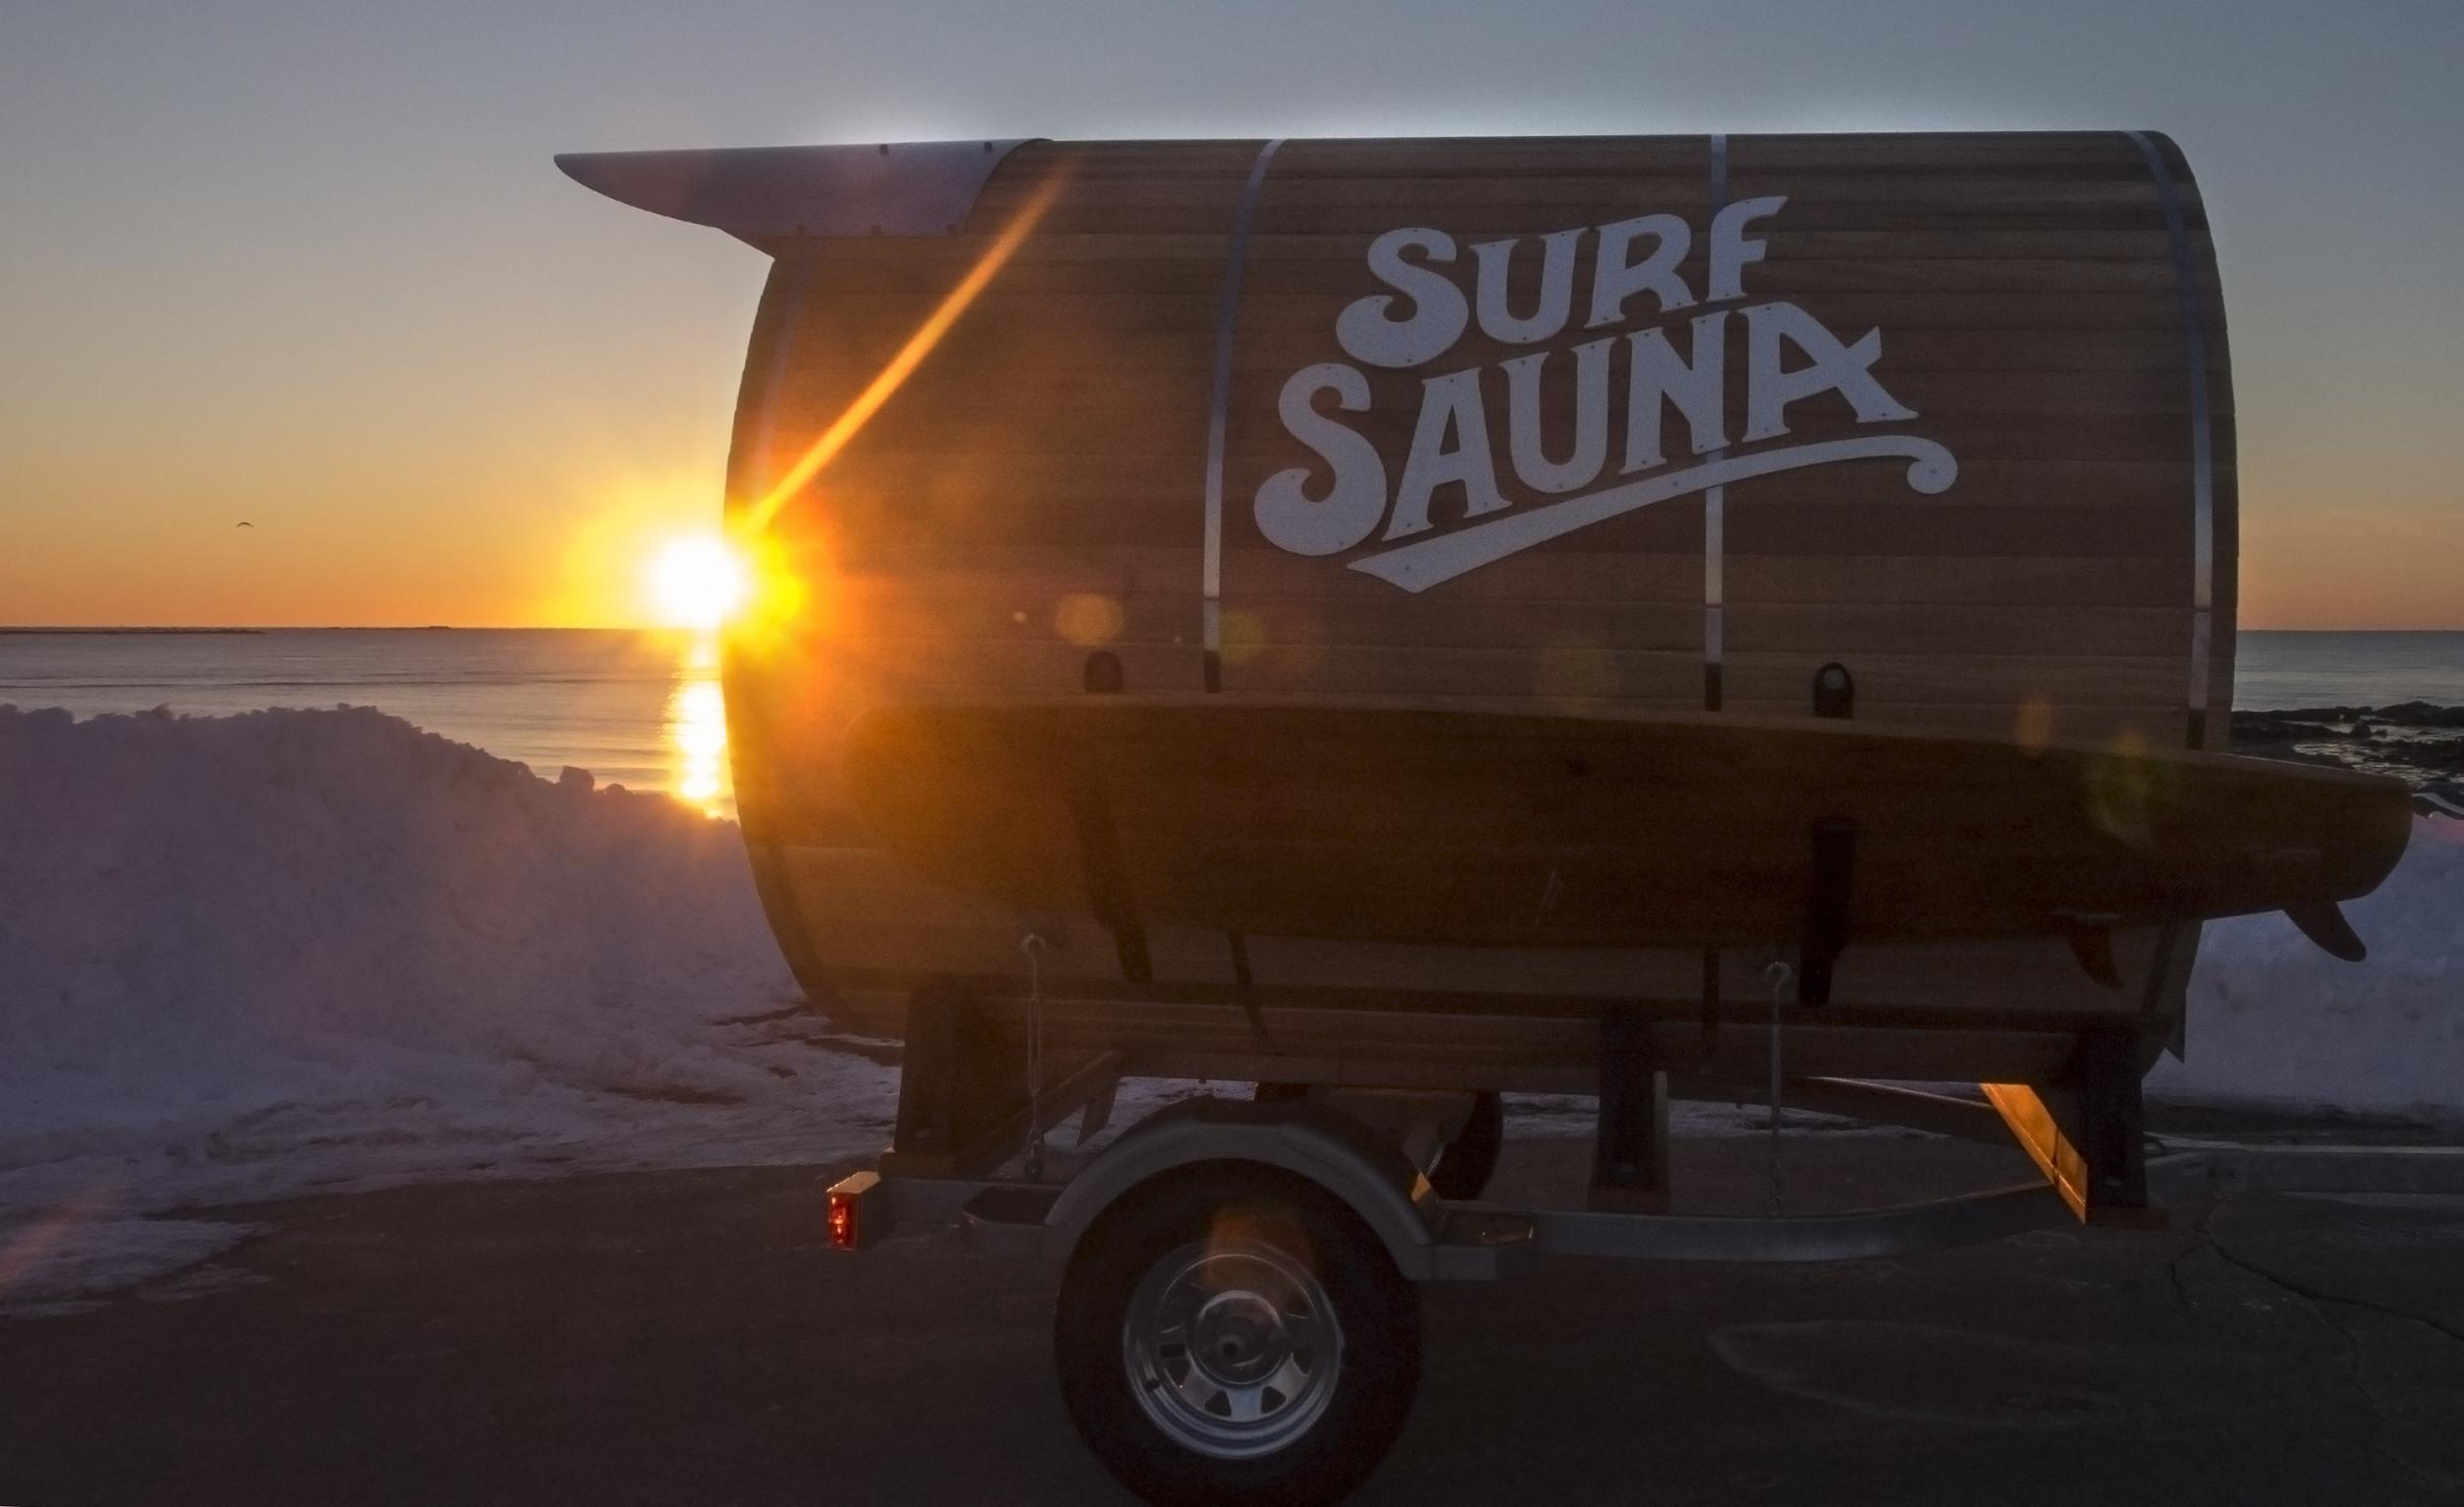 SurfSauna1.jpg